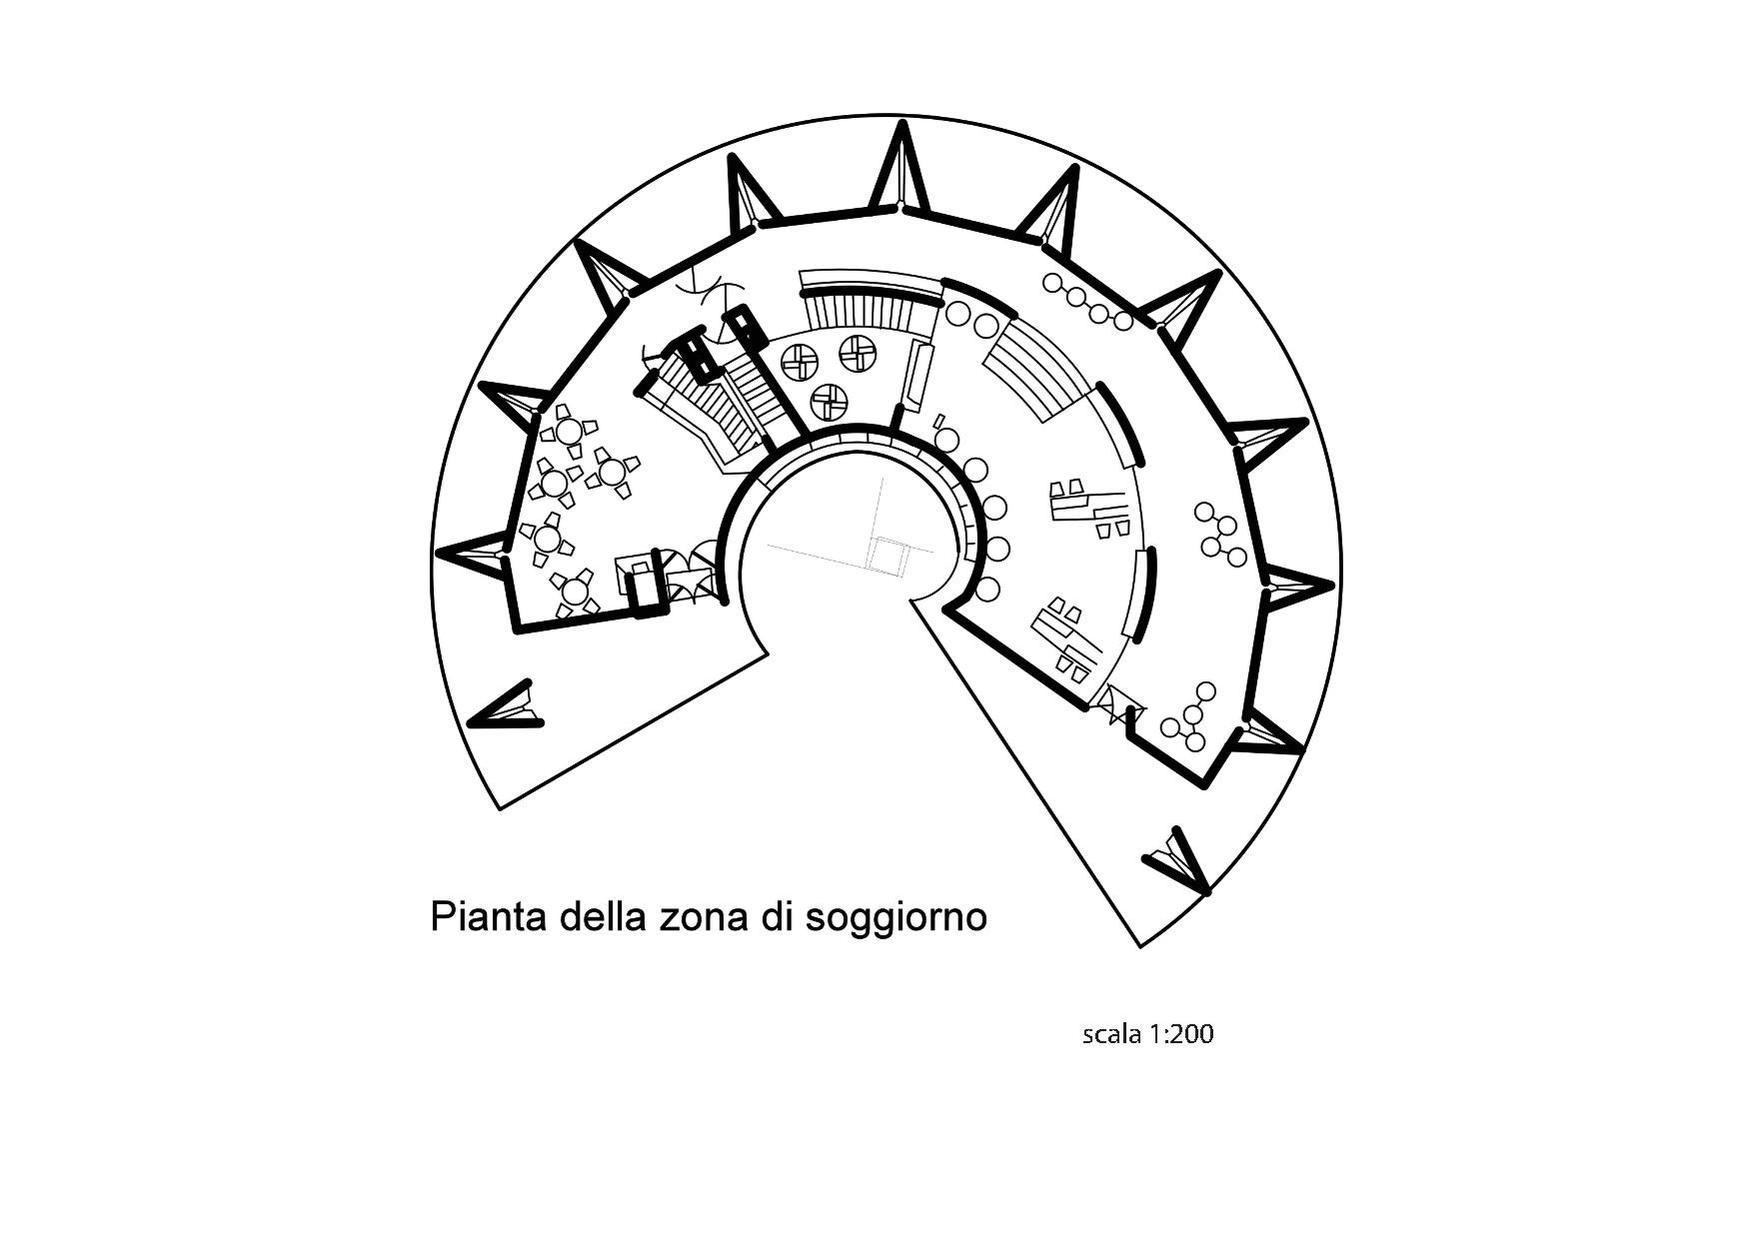 X Triennale di Milano - Wikipedia